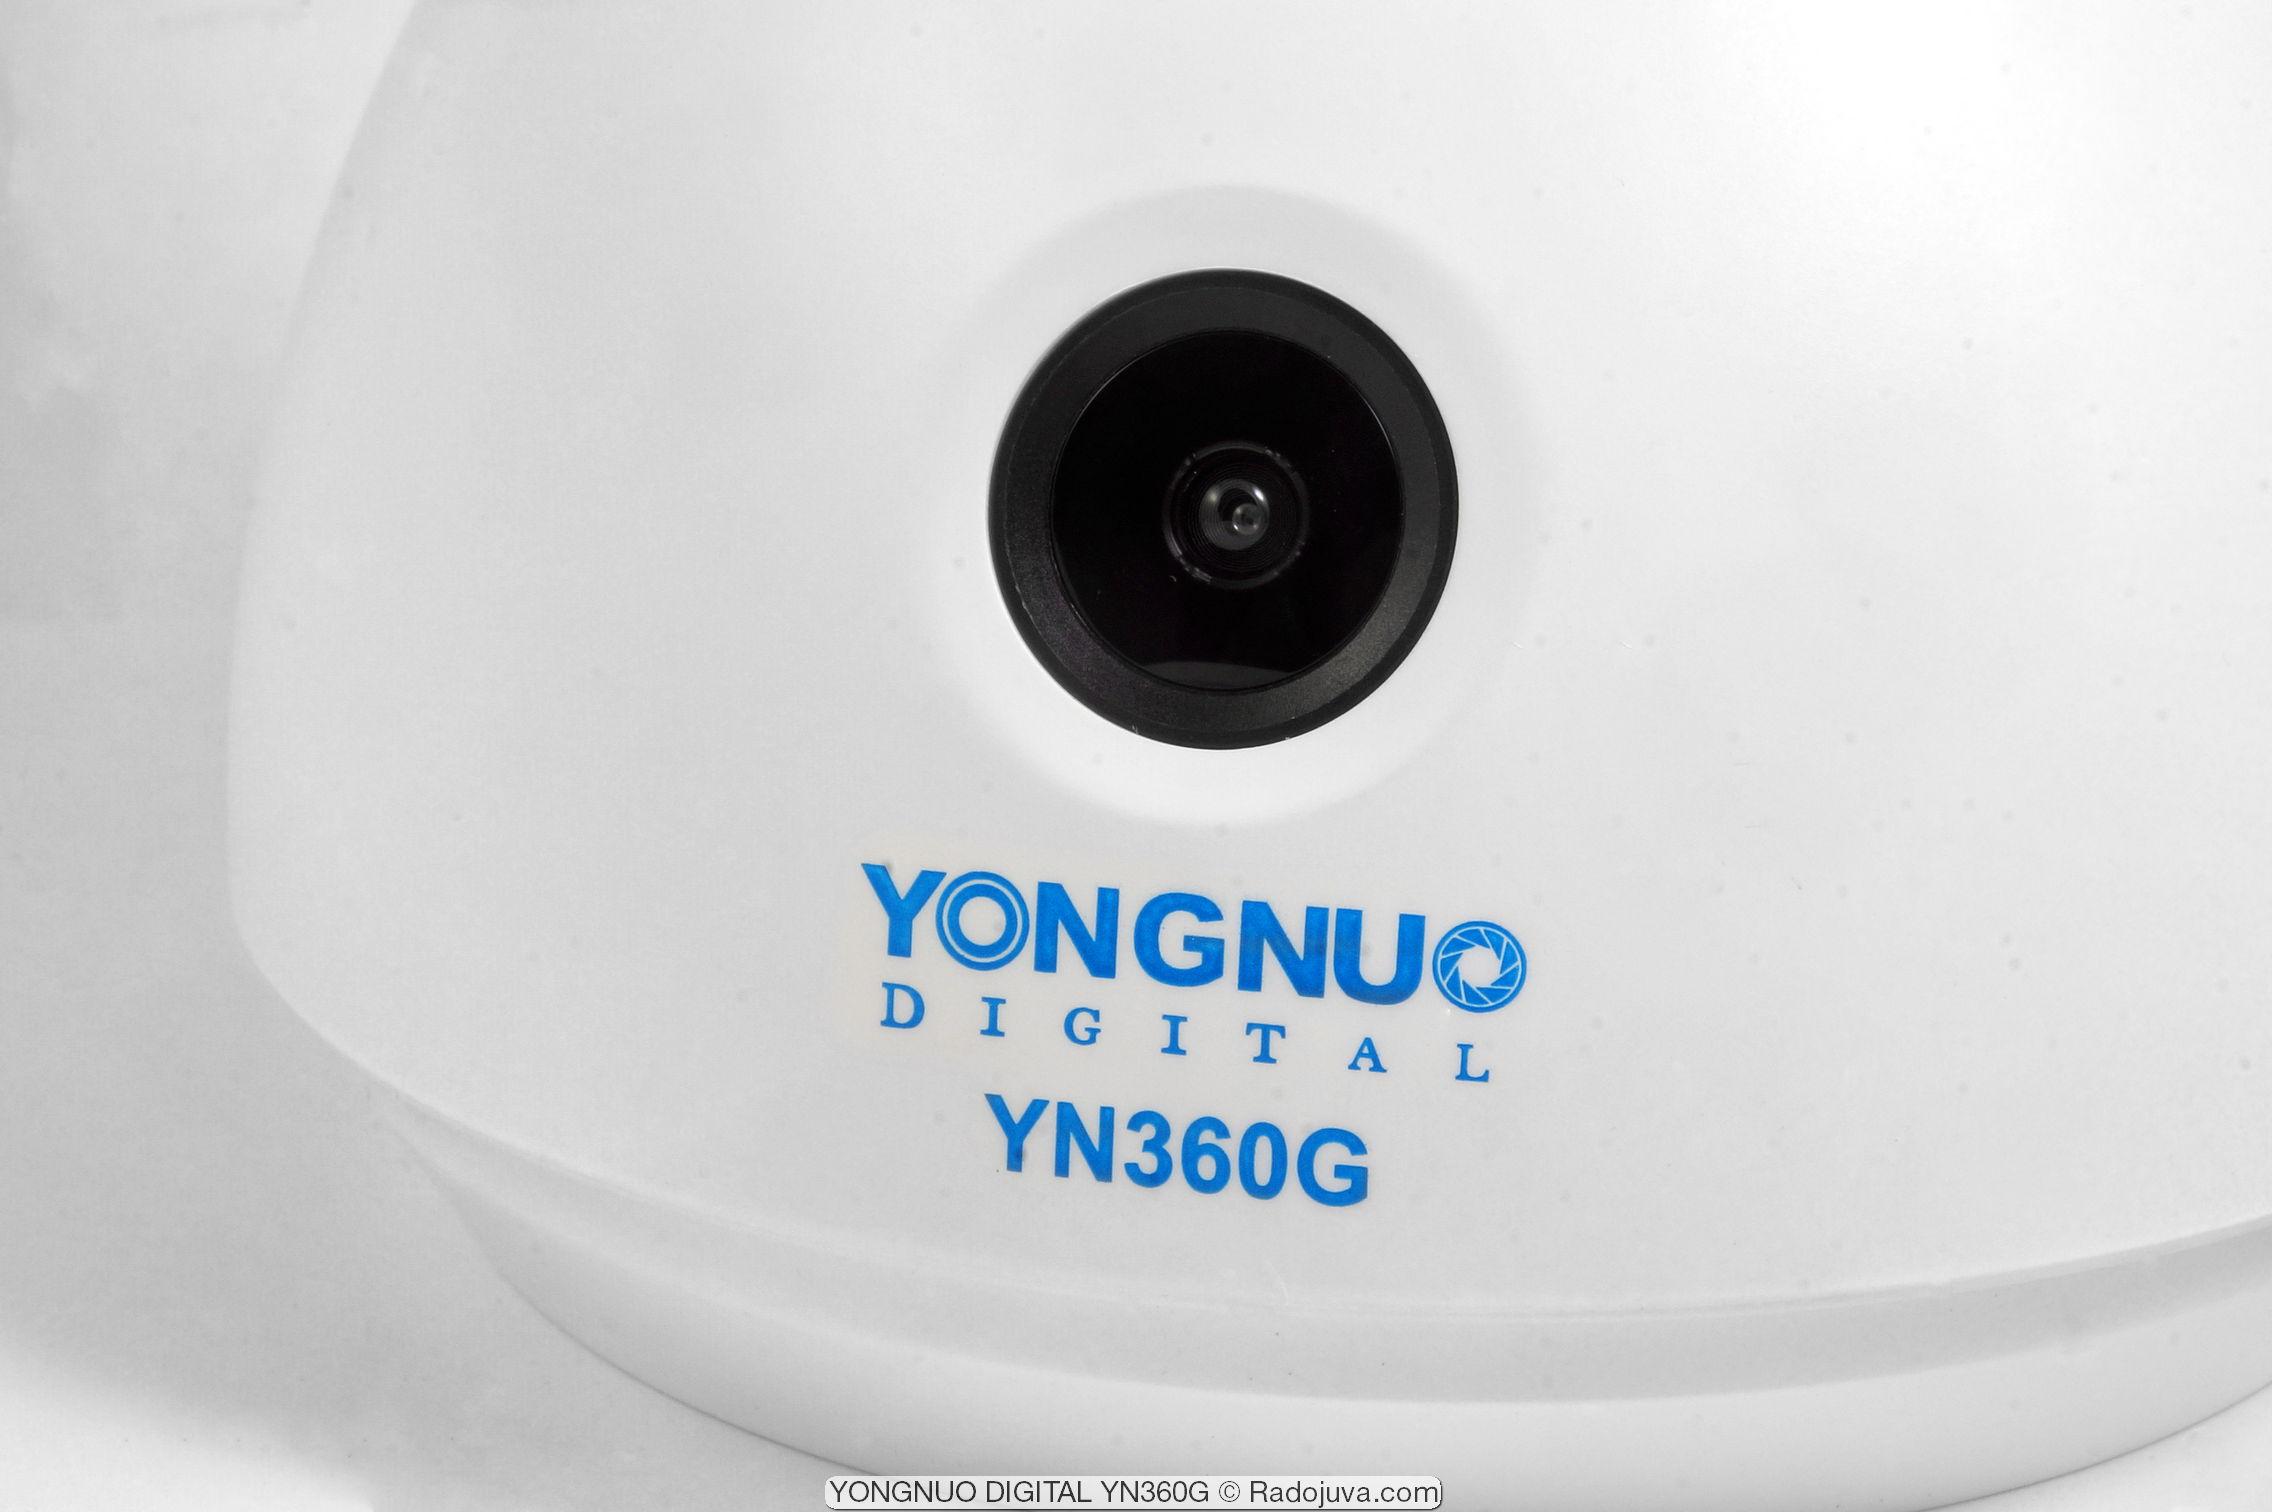 YONGNUO DIGITAL YN360G